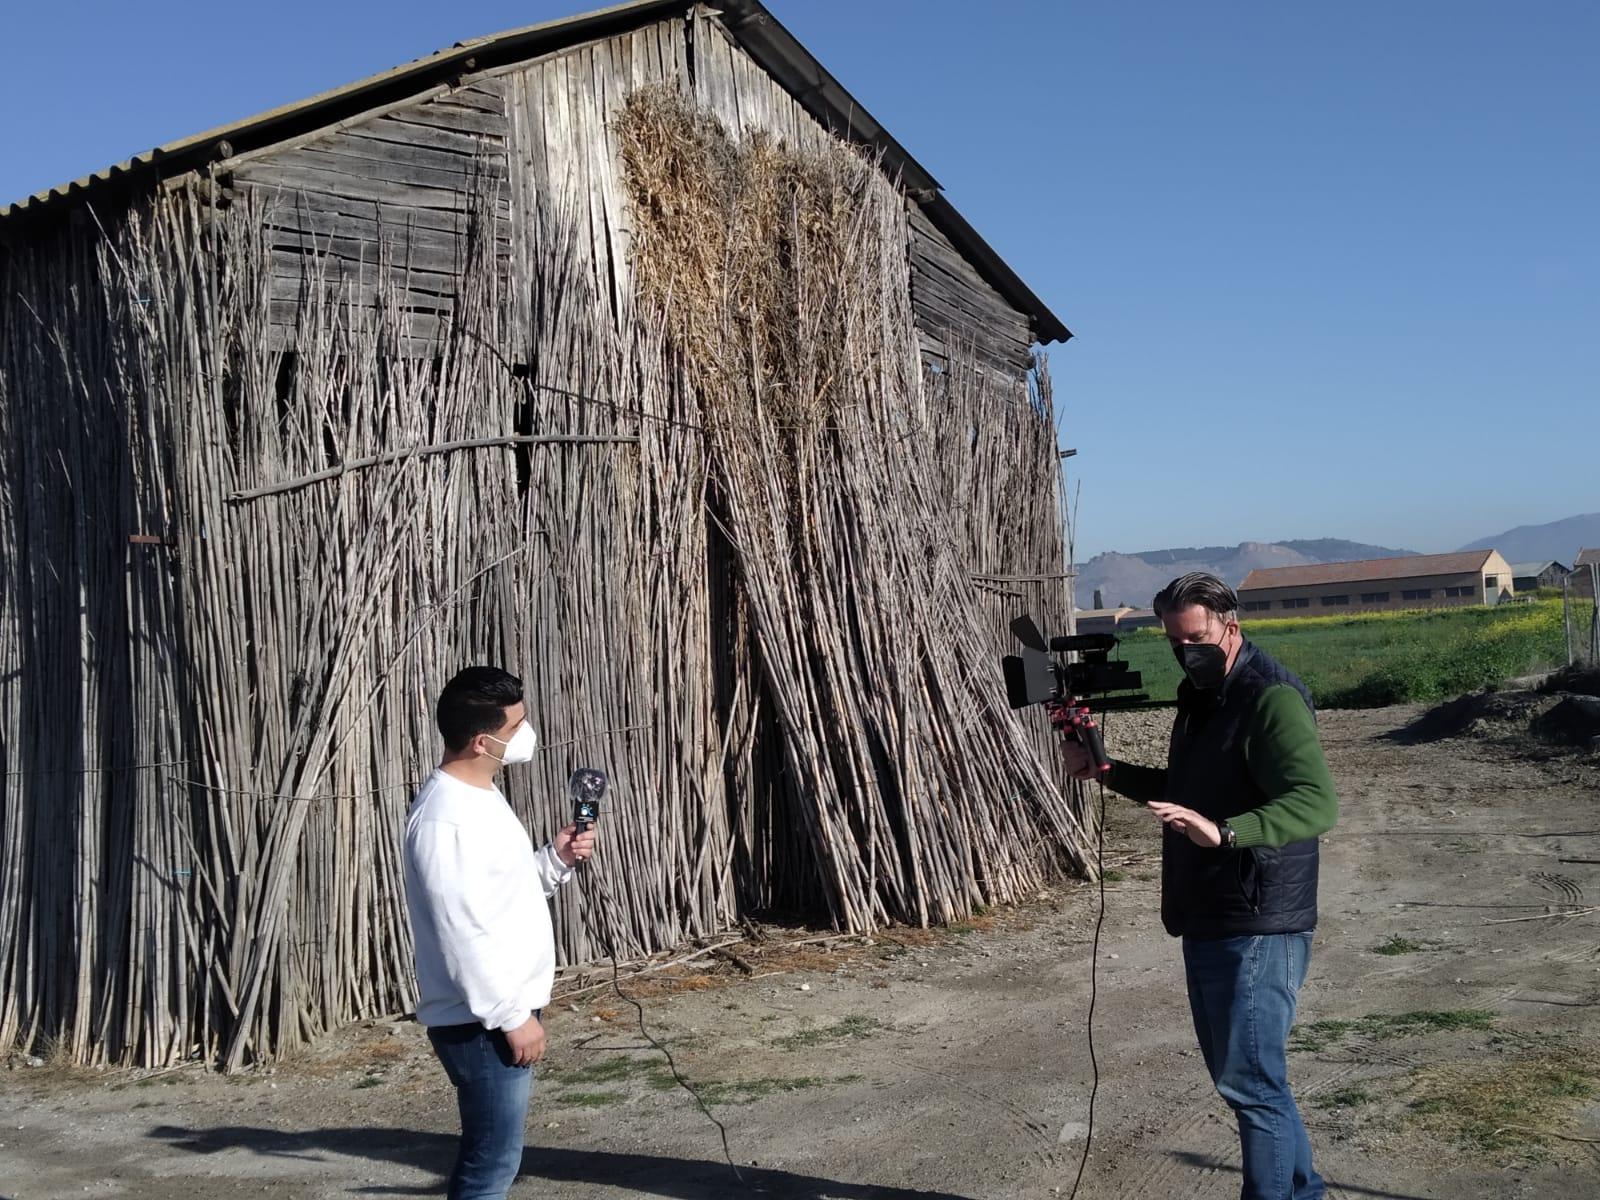 Vecinos de Vegas del Genil recitarán poemas desde los secaderos de tabaco en el Día Mundial de la Poesía